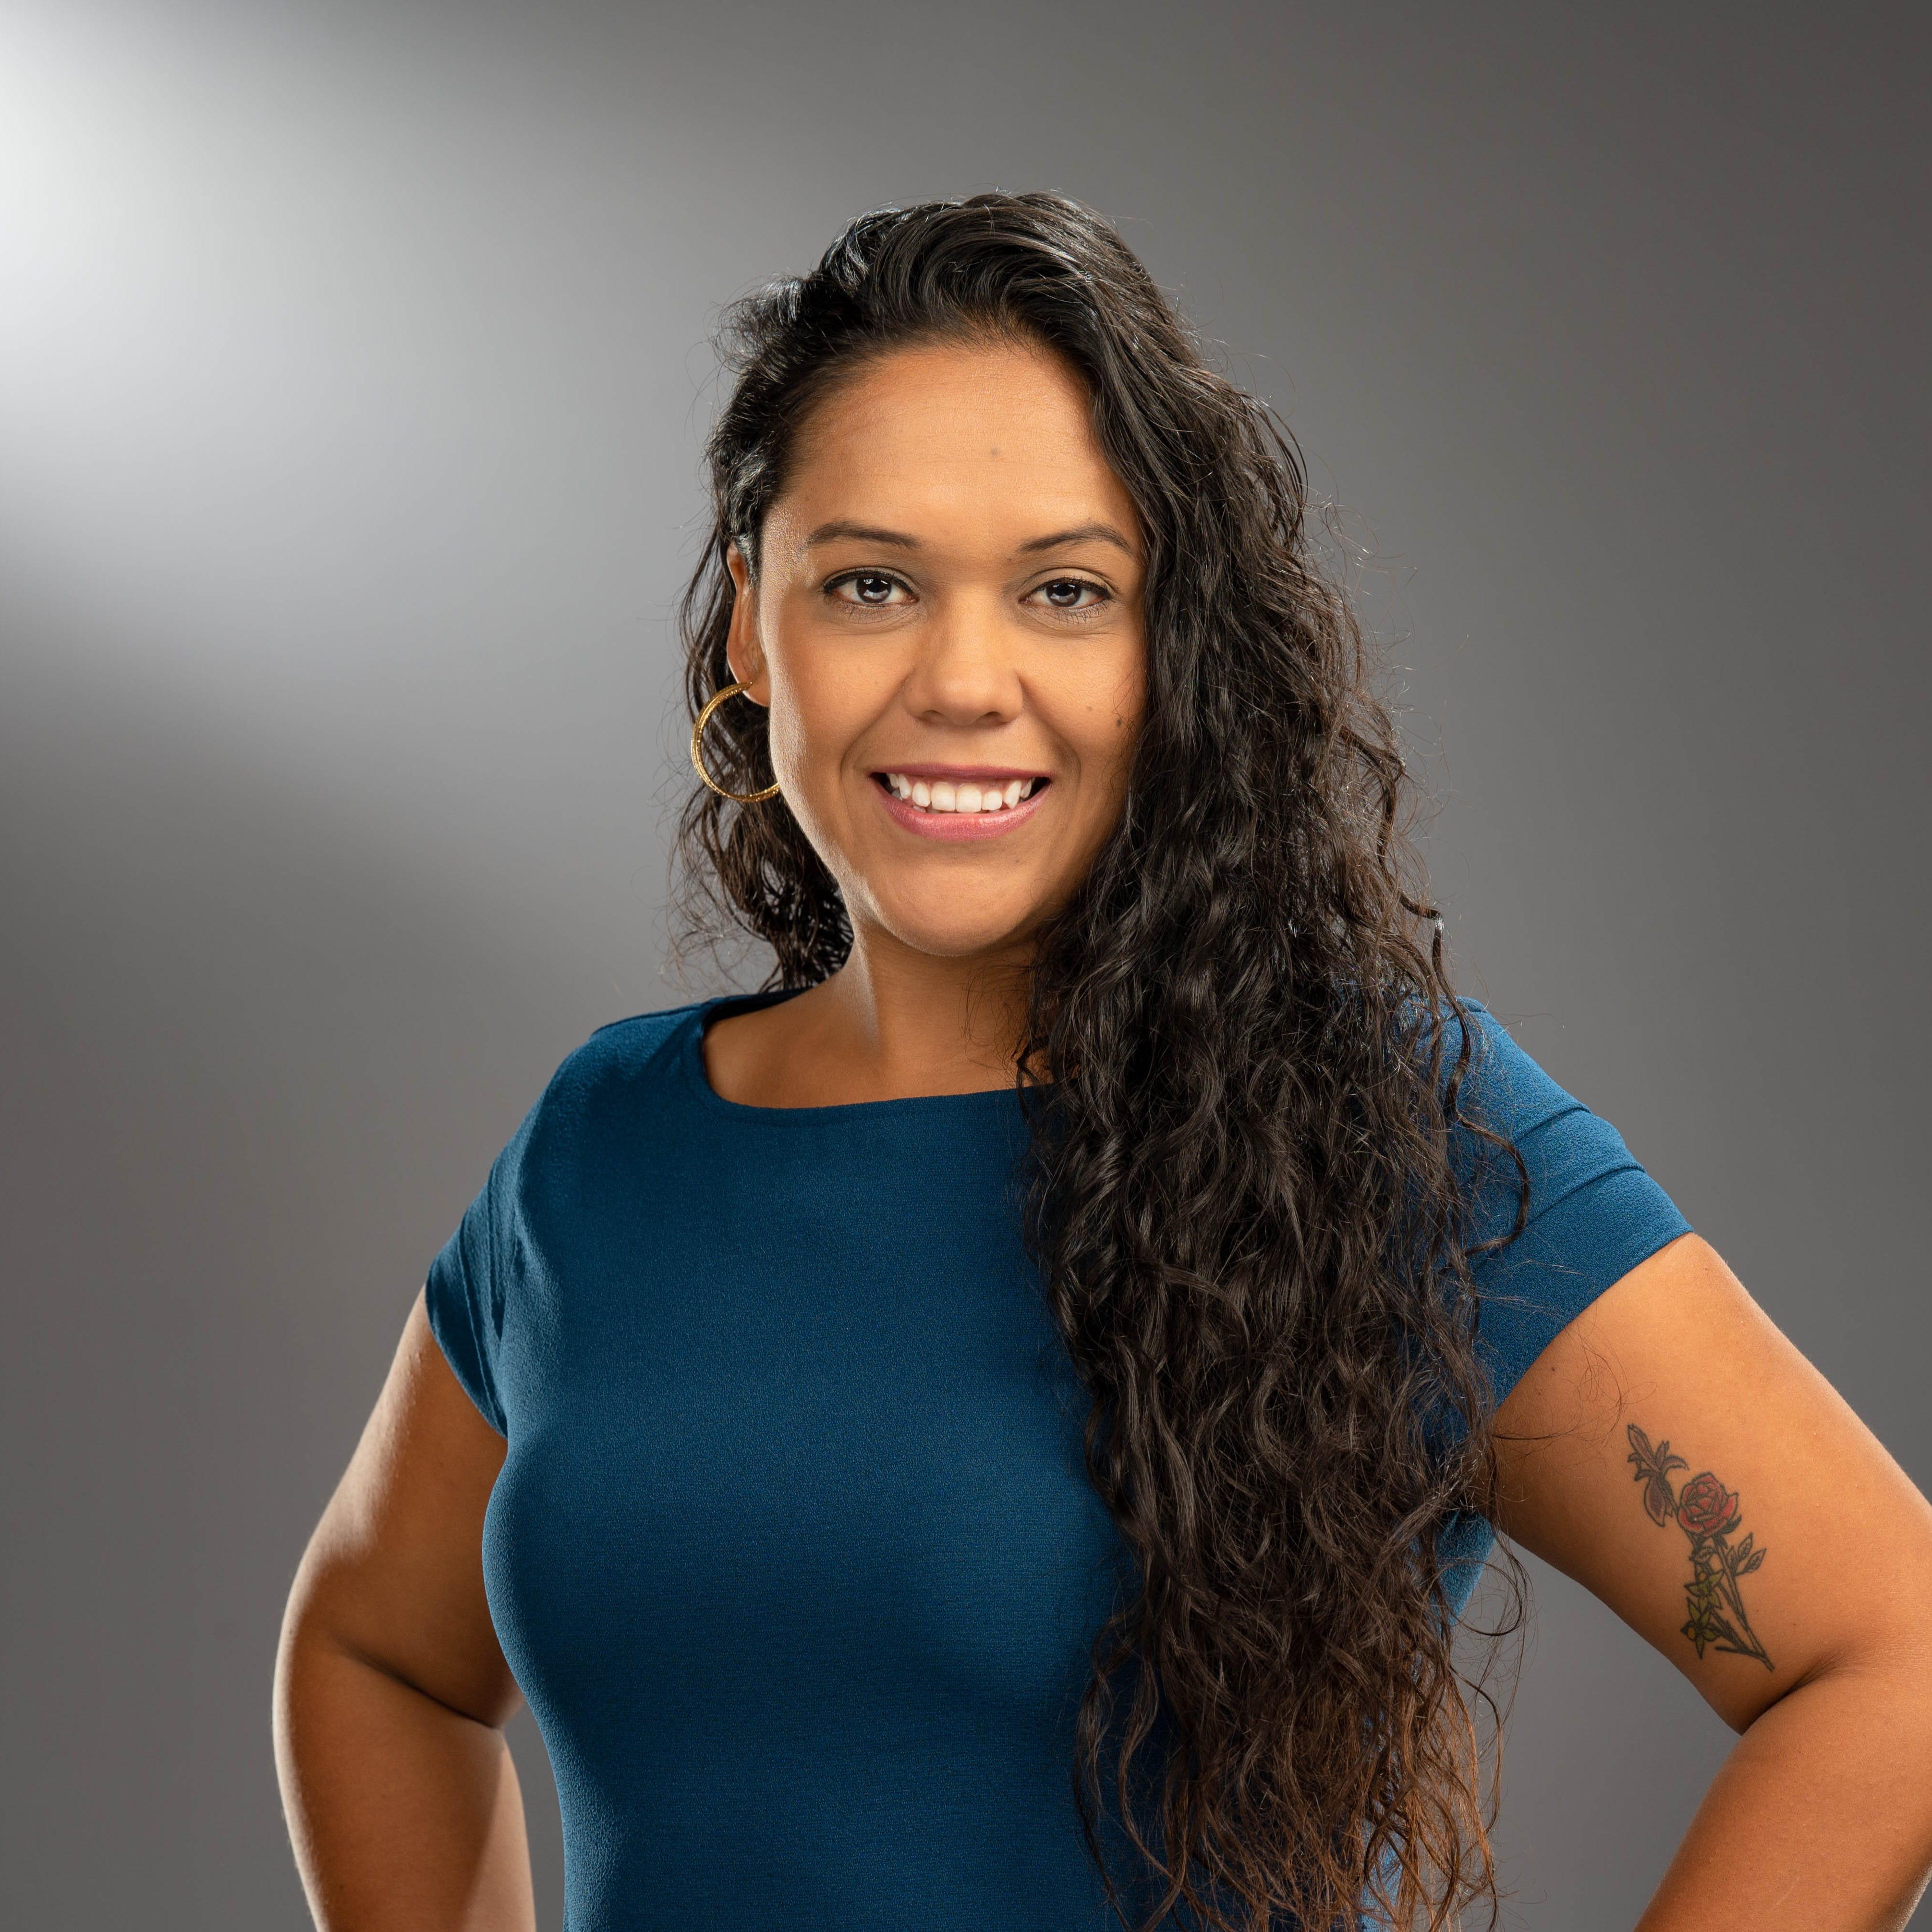 Headshot of Silvia Ortega